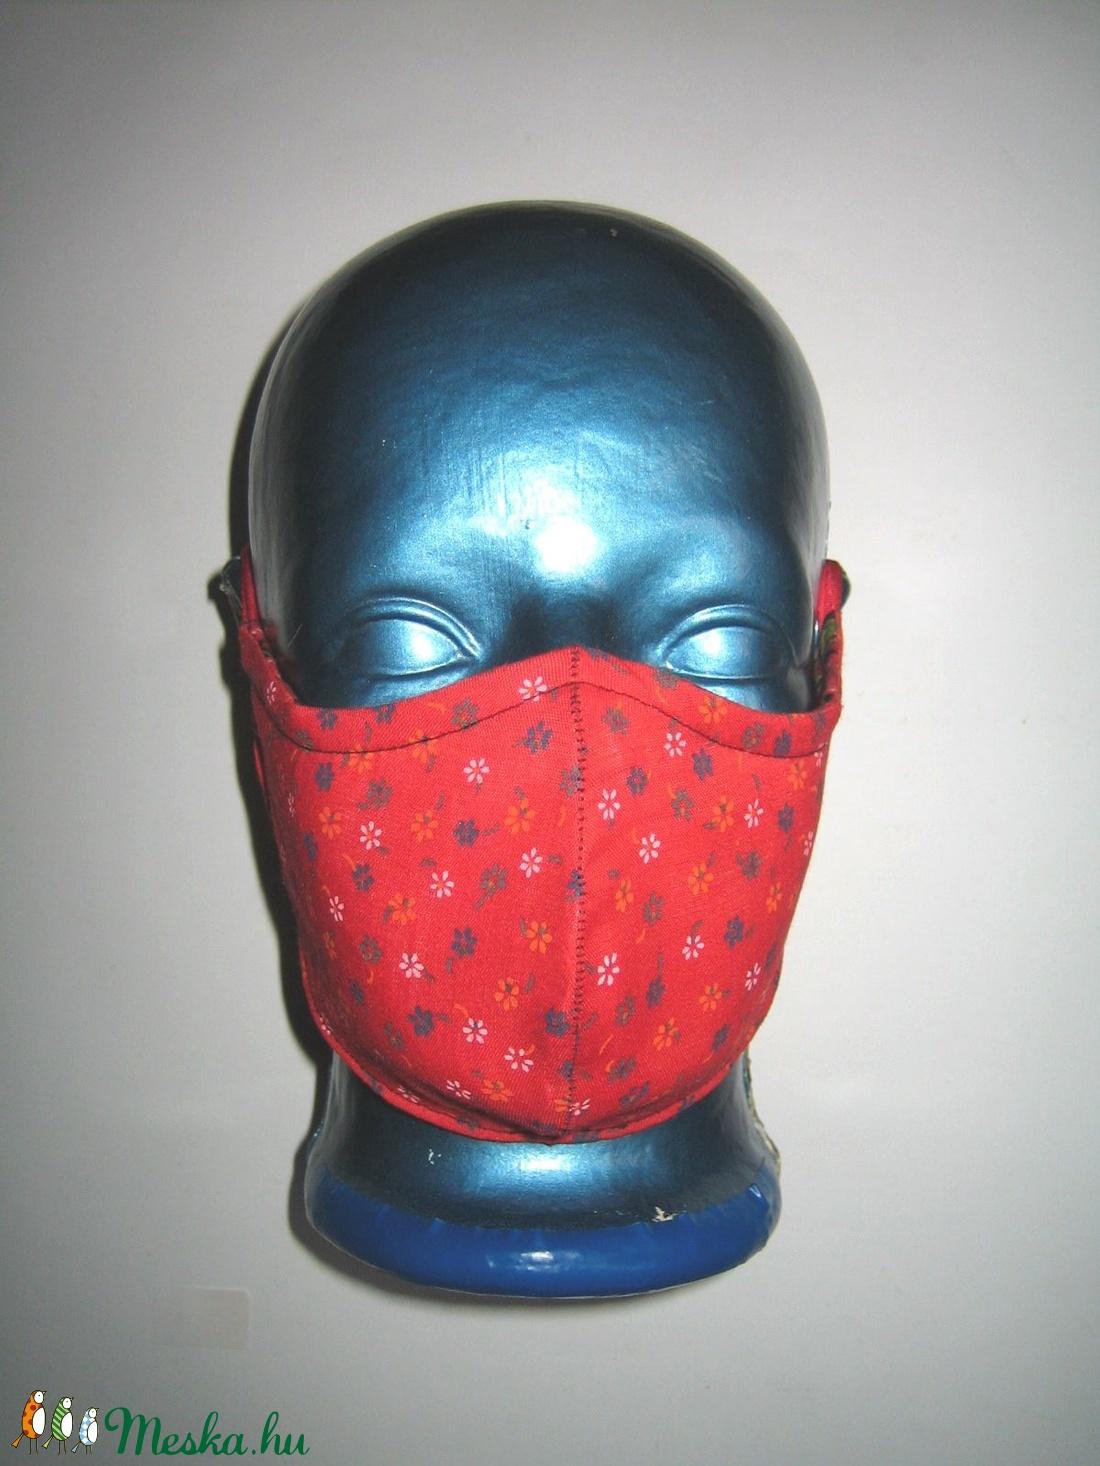 Virágos Szájmaszk textil maszk állítható gumival 2in1 arcmaszk - maszk, arcmaszk - női - Meska.hu